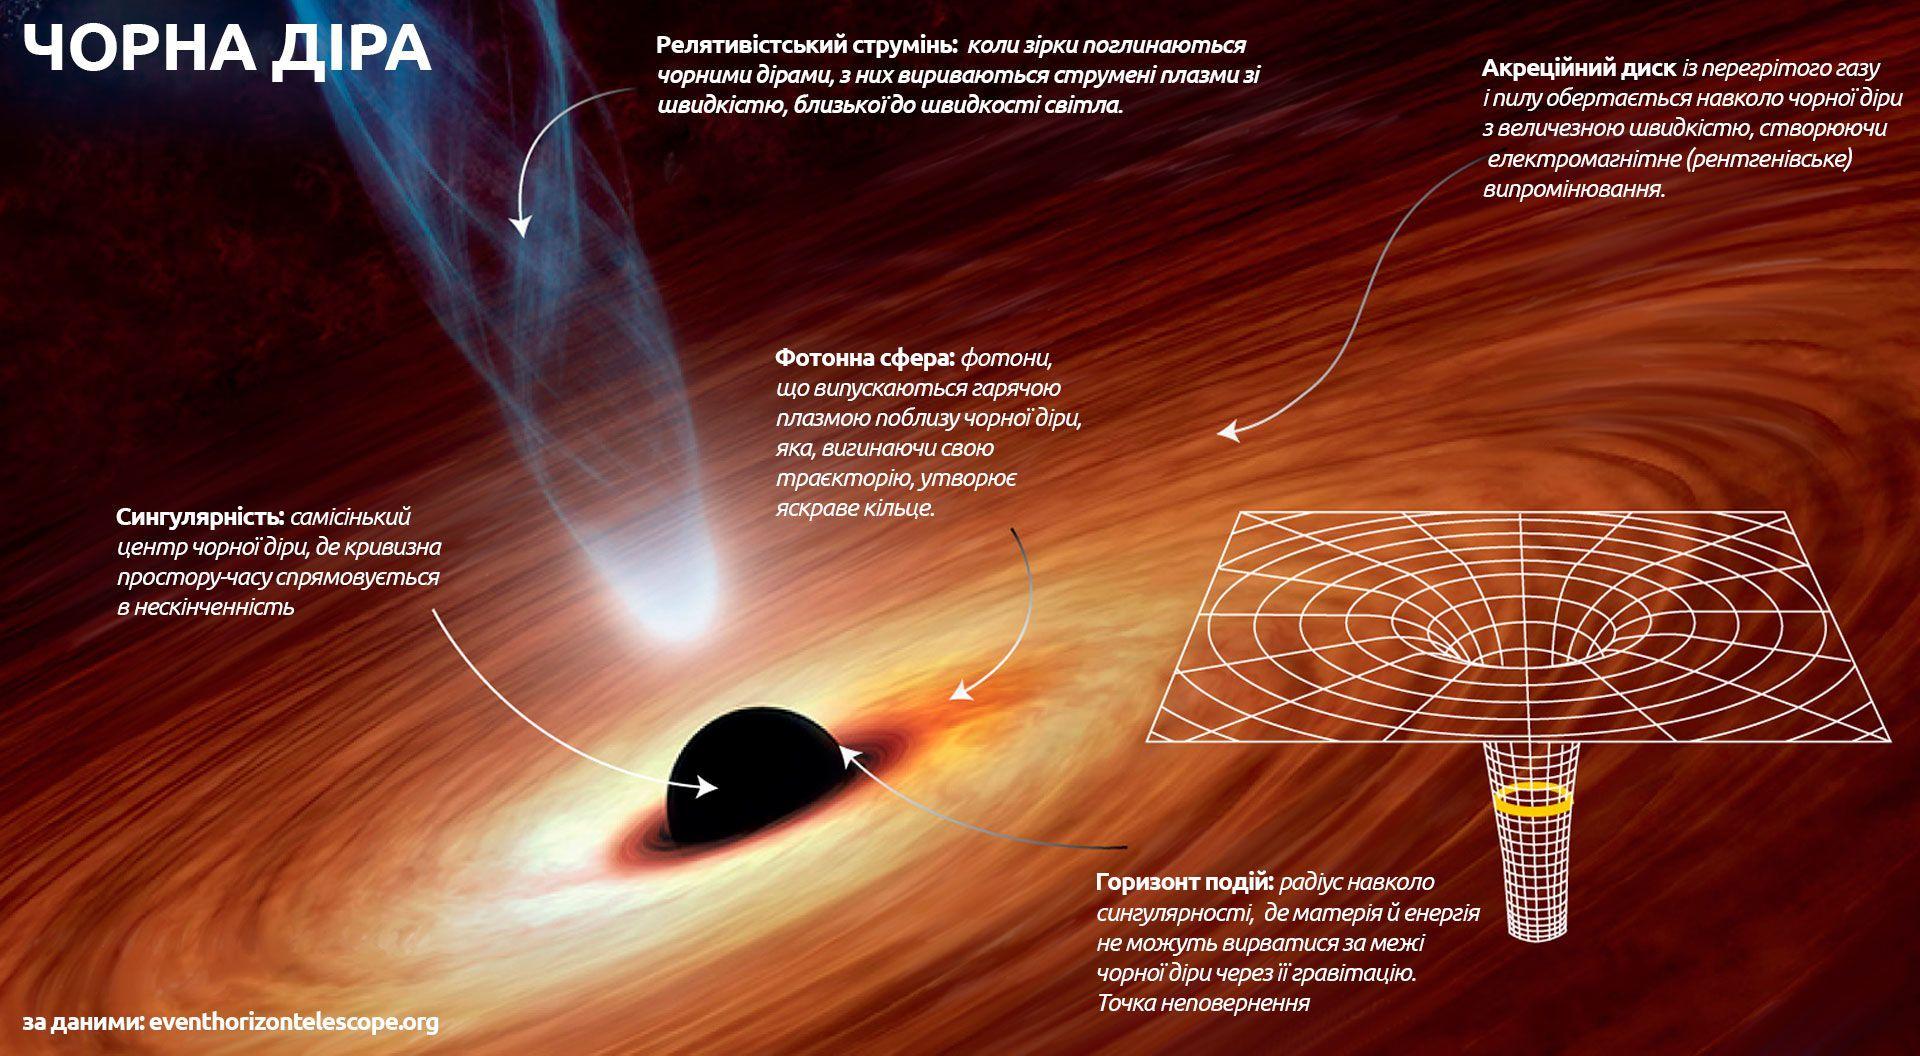 Чорна діра, інфографіка_1